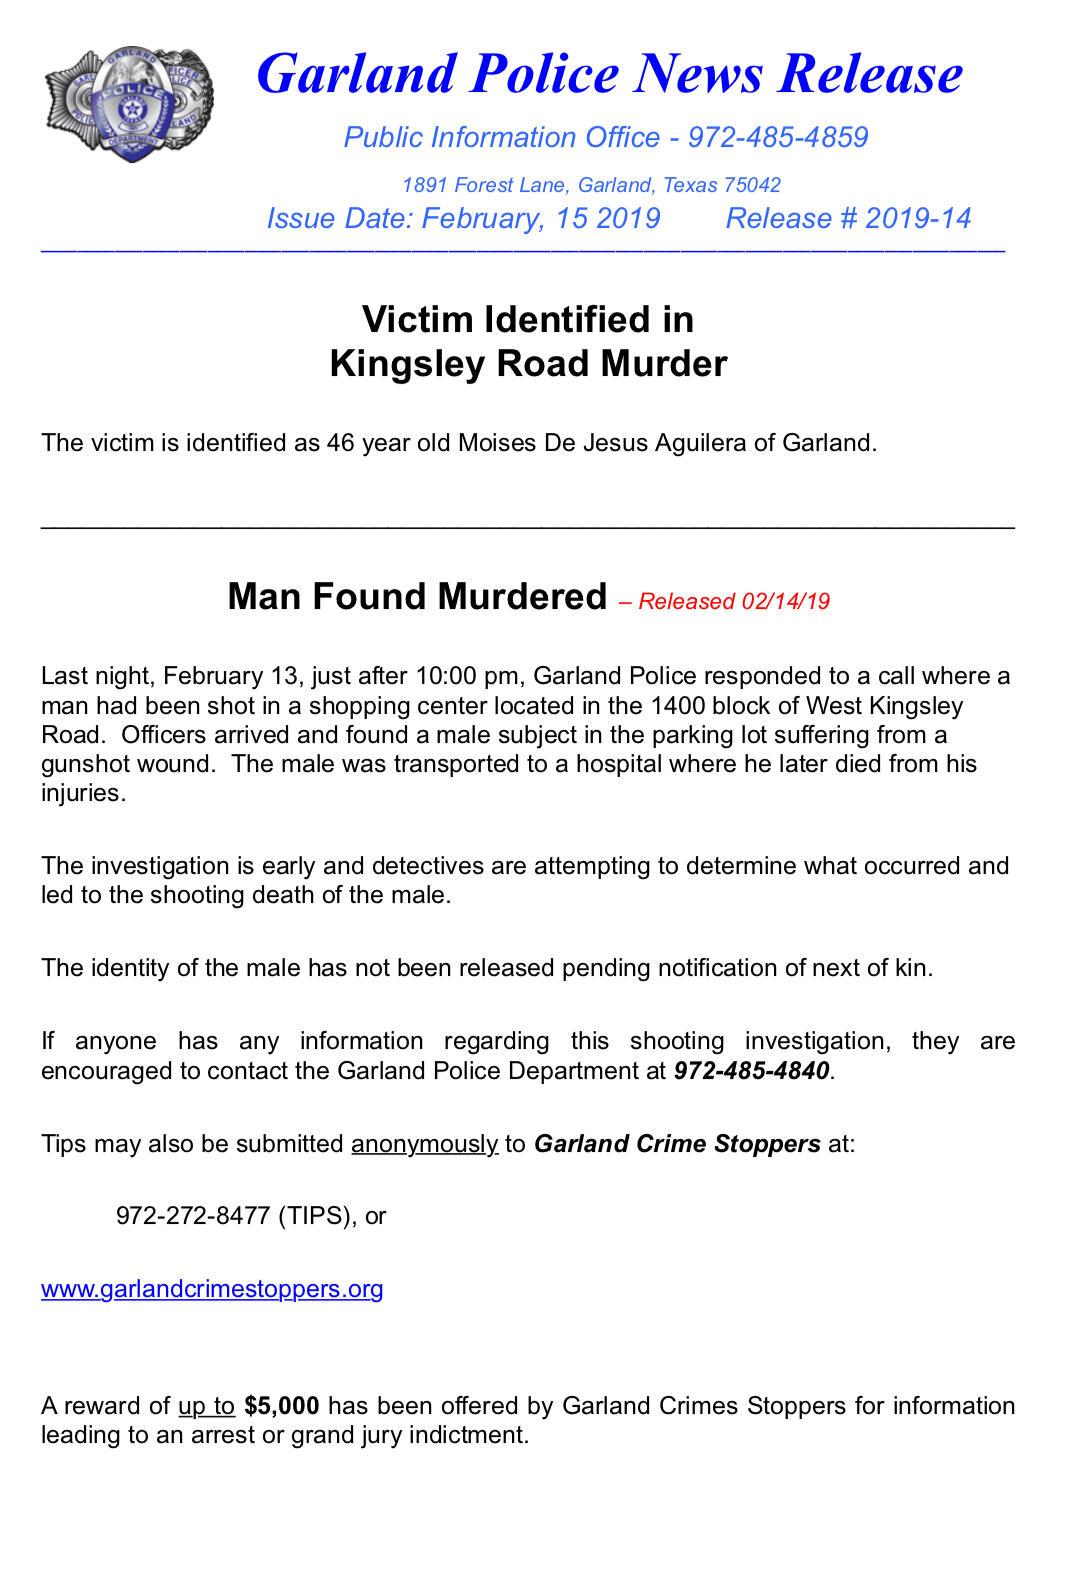 Man Found Murdered (Garland Police Department) &mdash